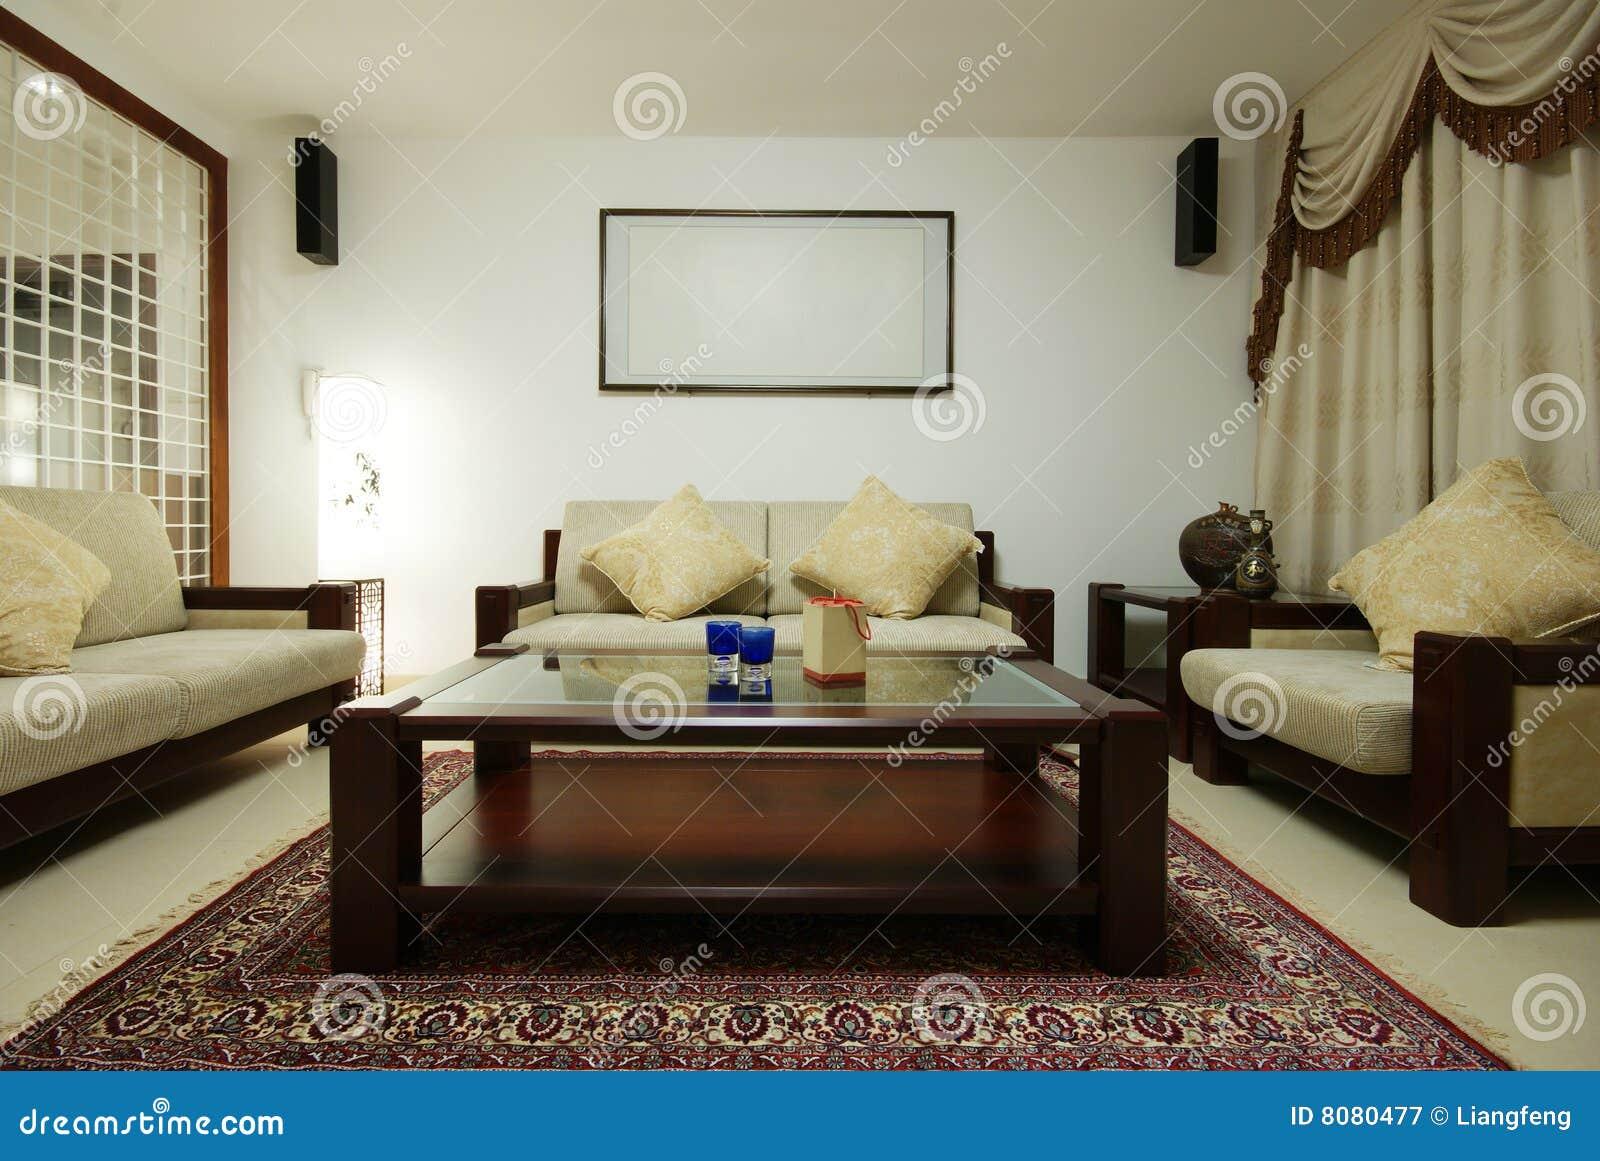 Unieke huisdecoratie stock afbeelding afbeelding bestaande uit